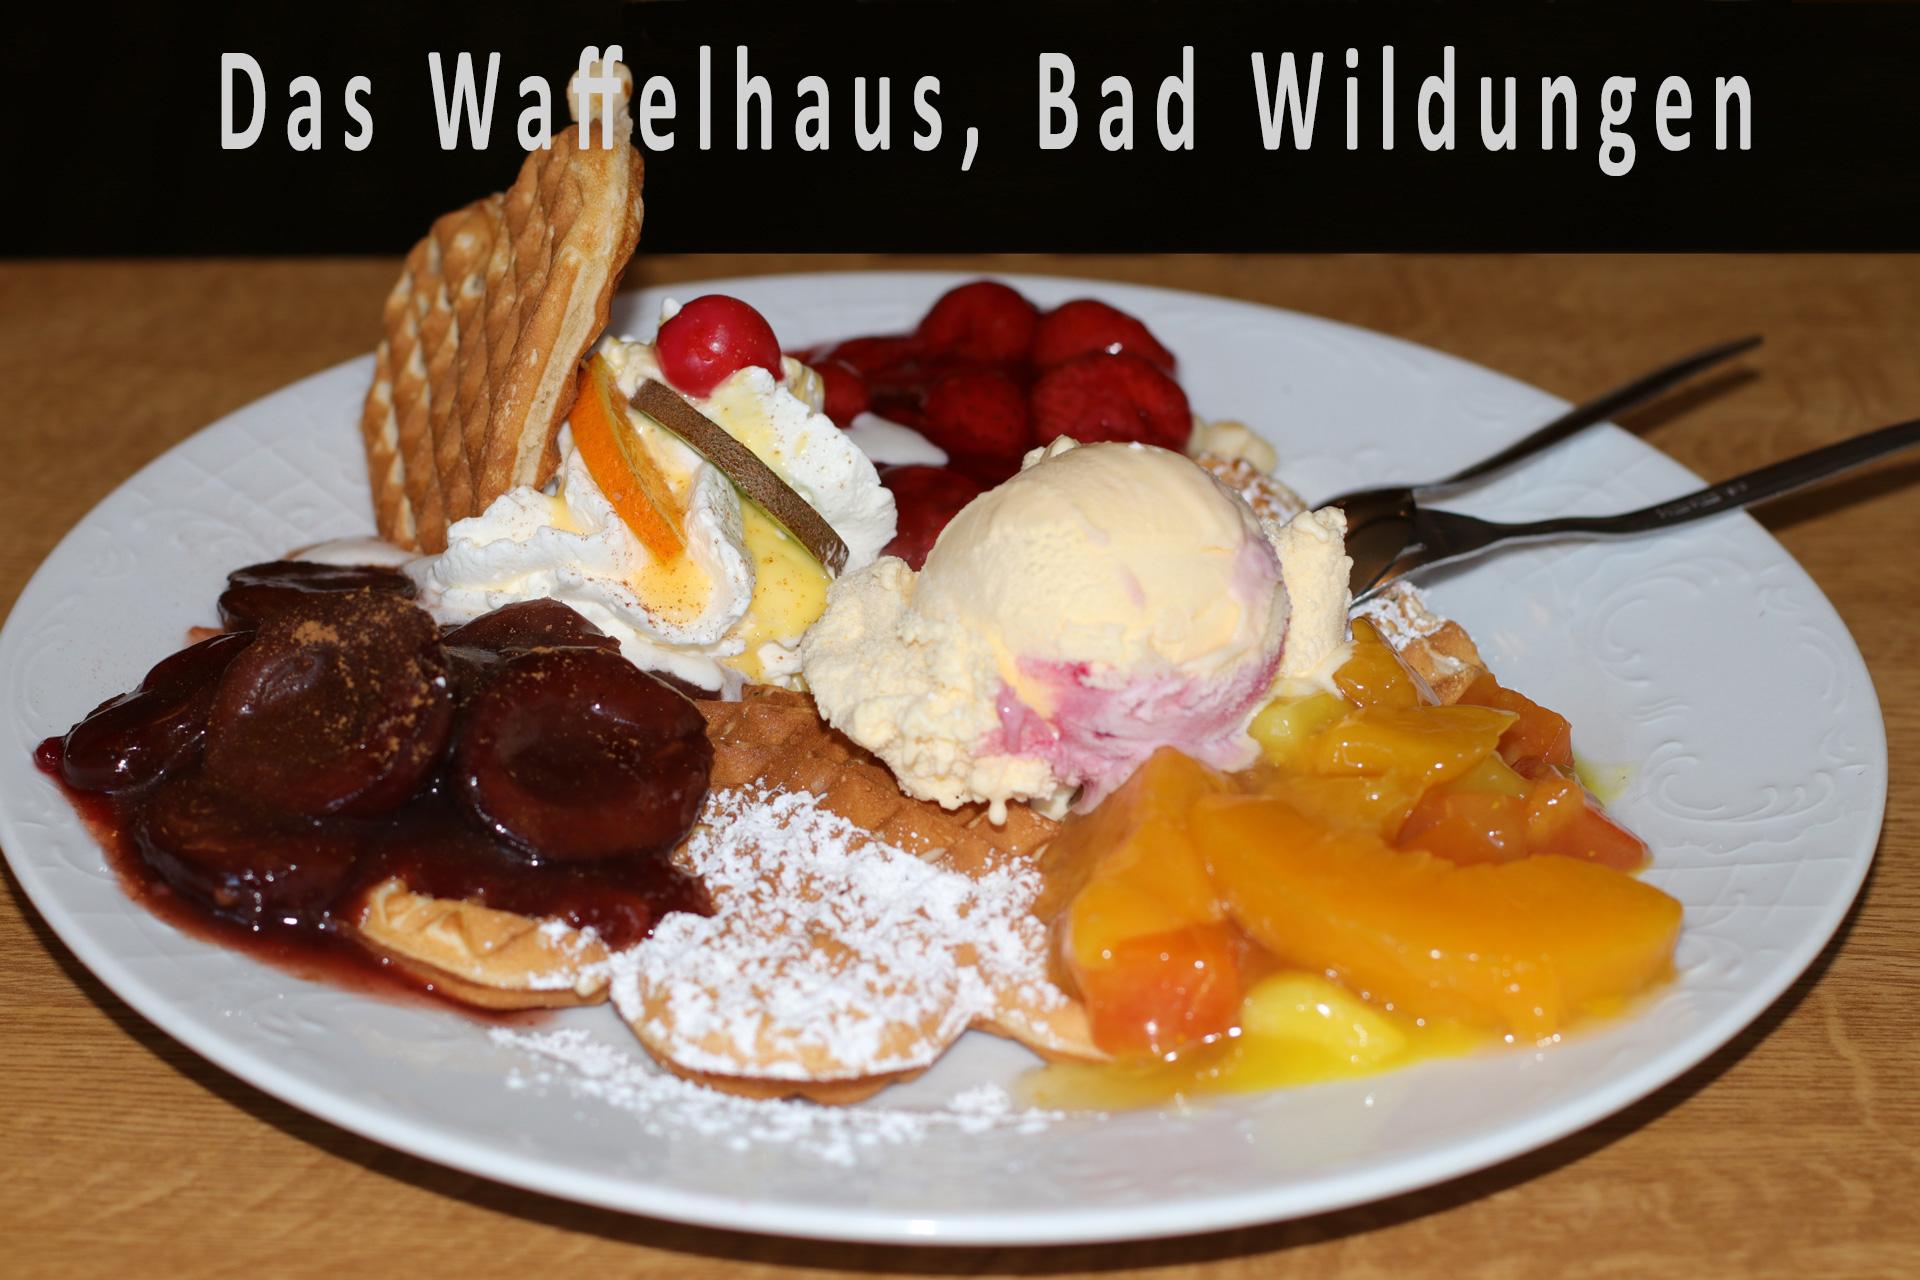 Waffelhaus, Bad Wildungen